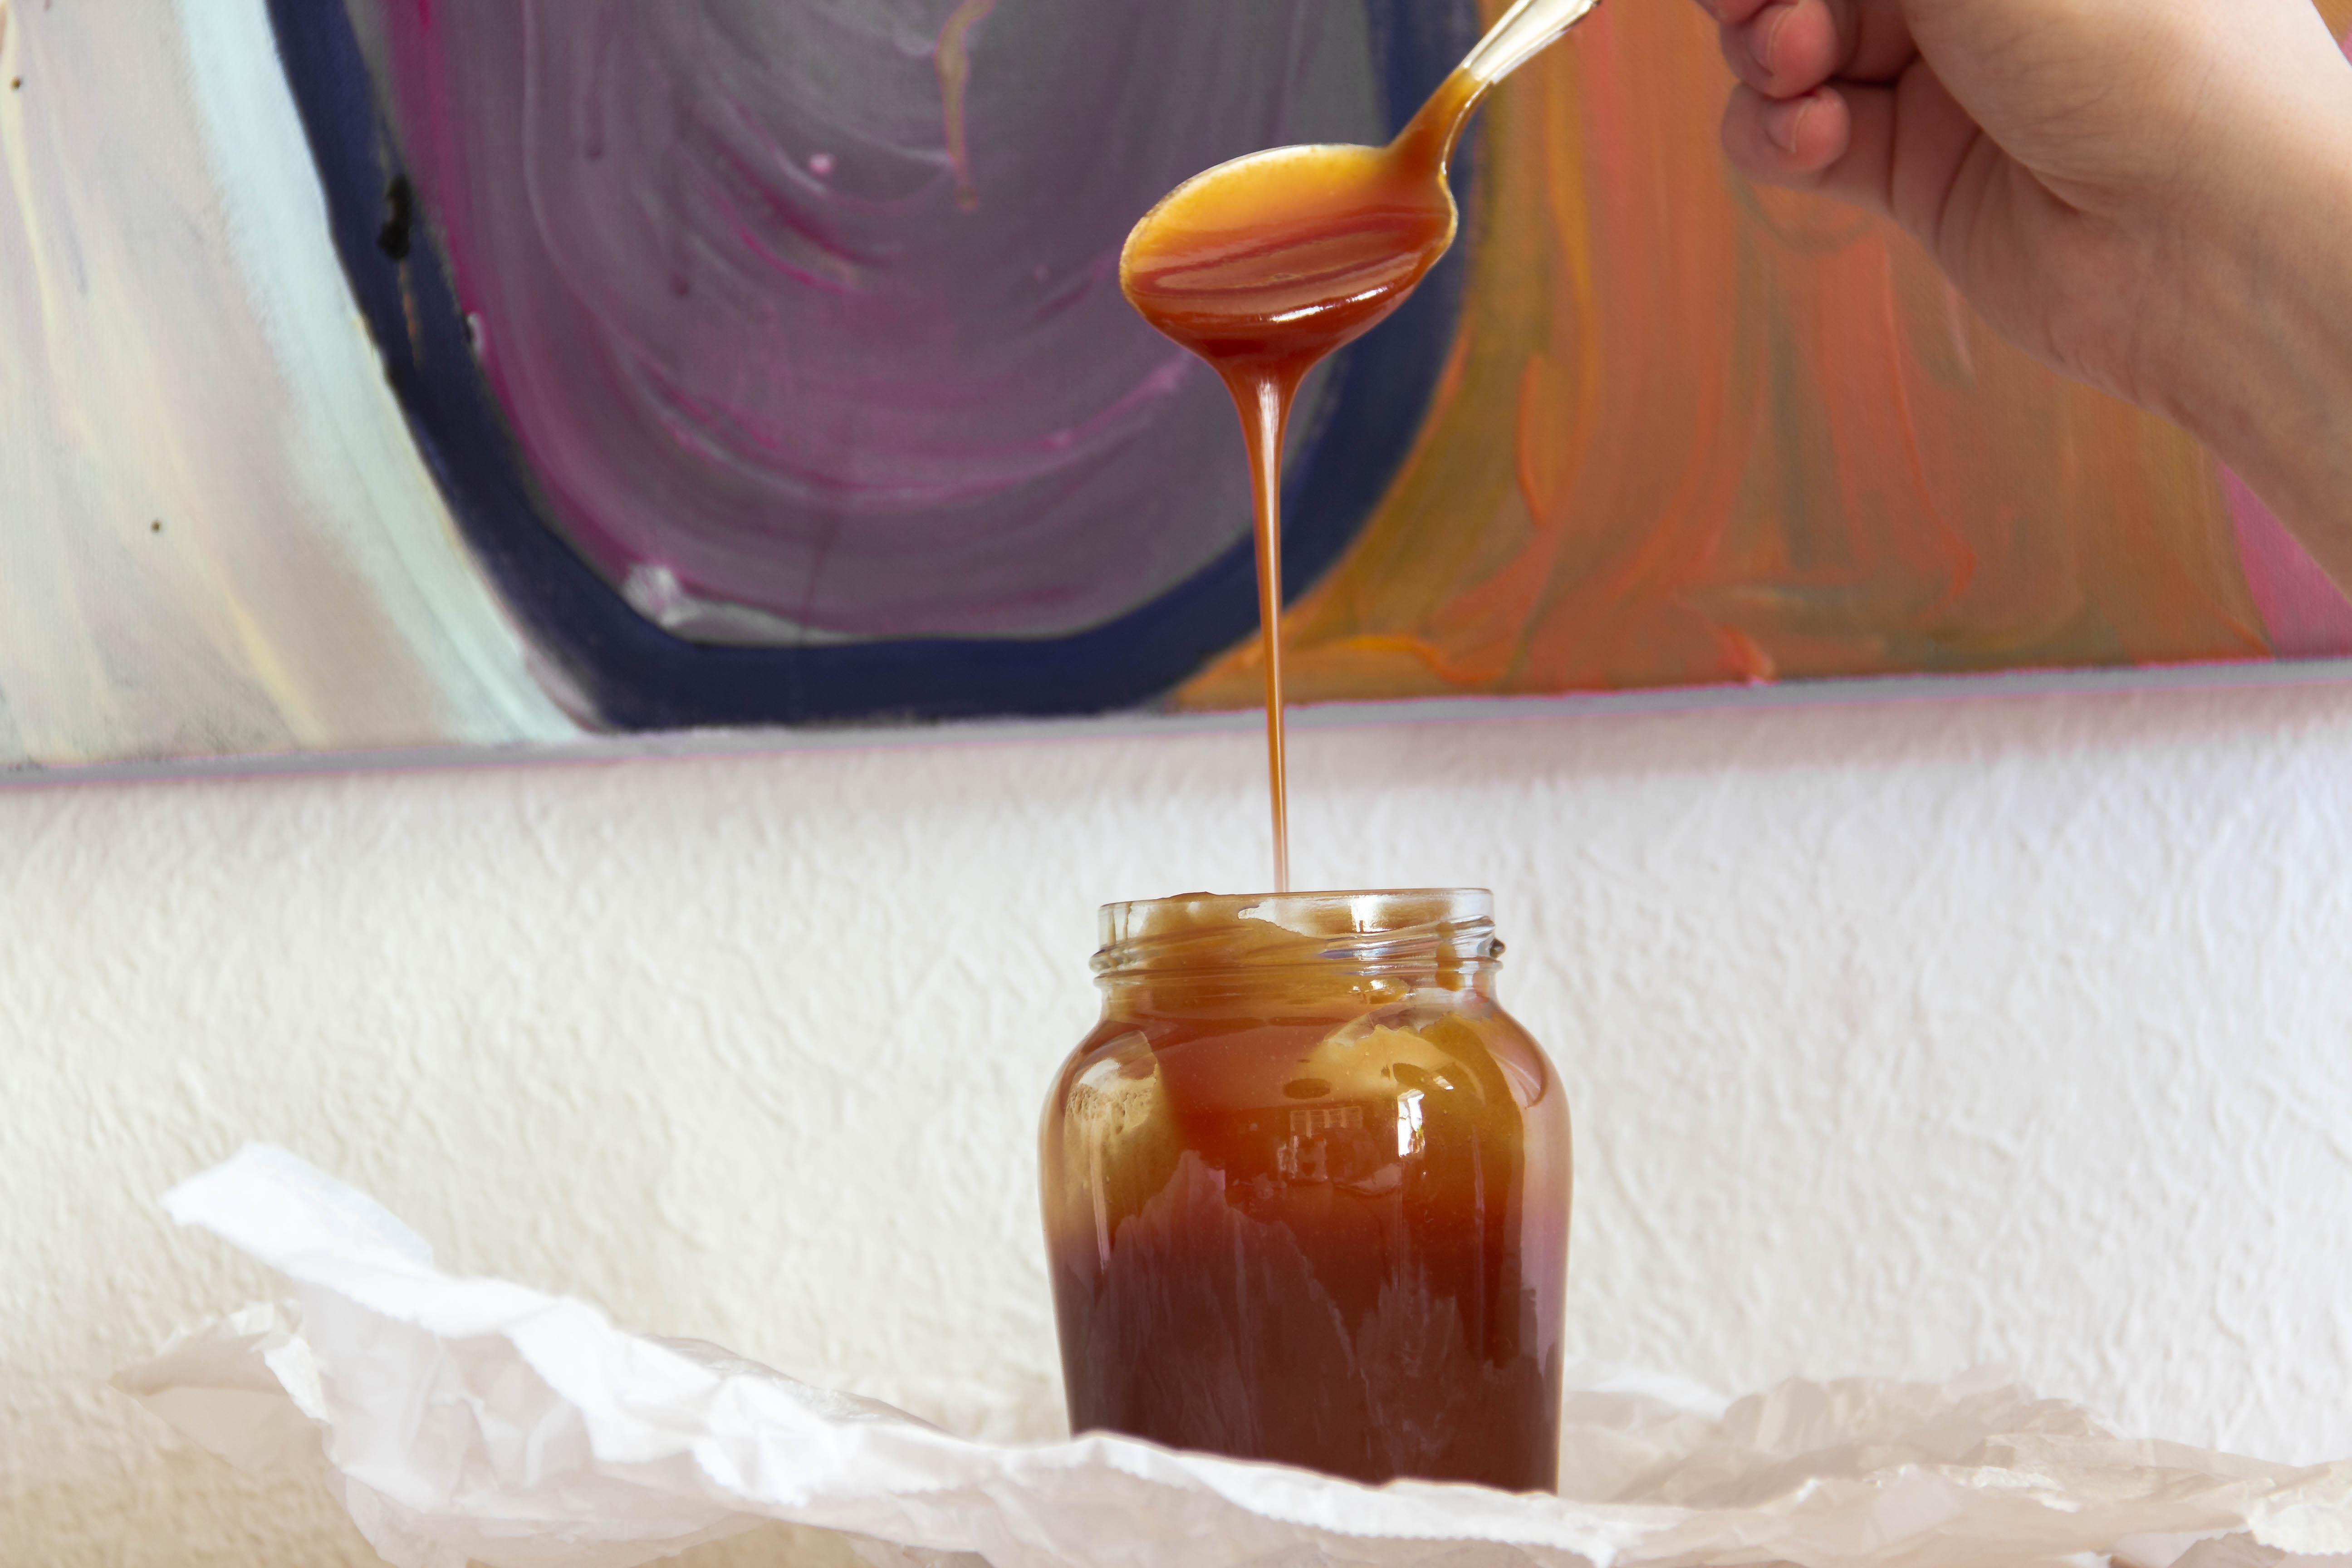 Lækker karamelsauce – karamelsauce med masser af smag